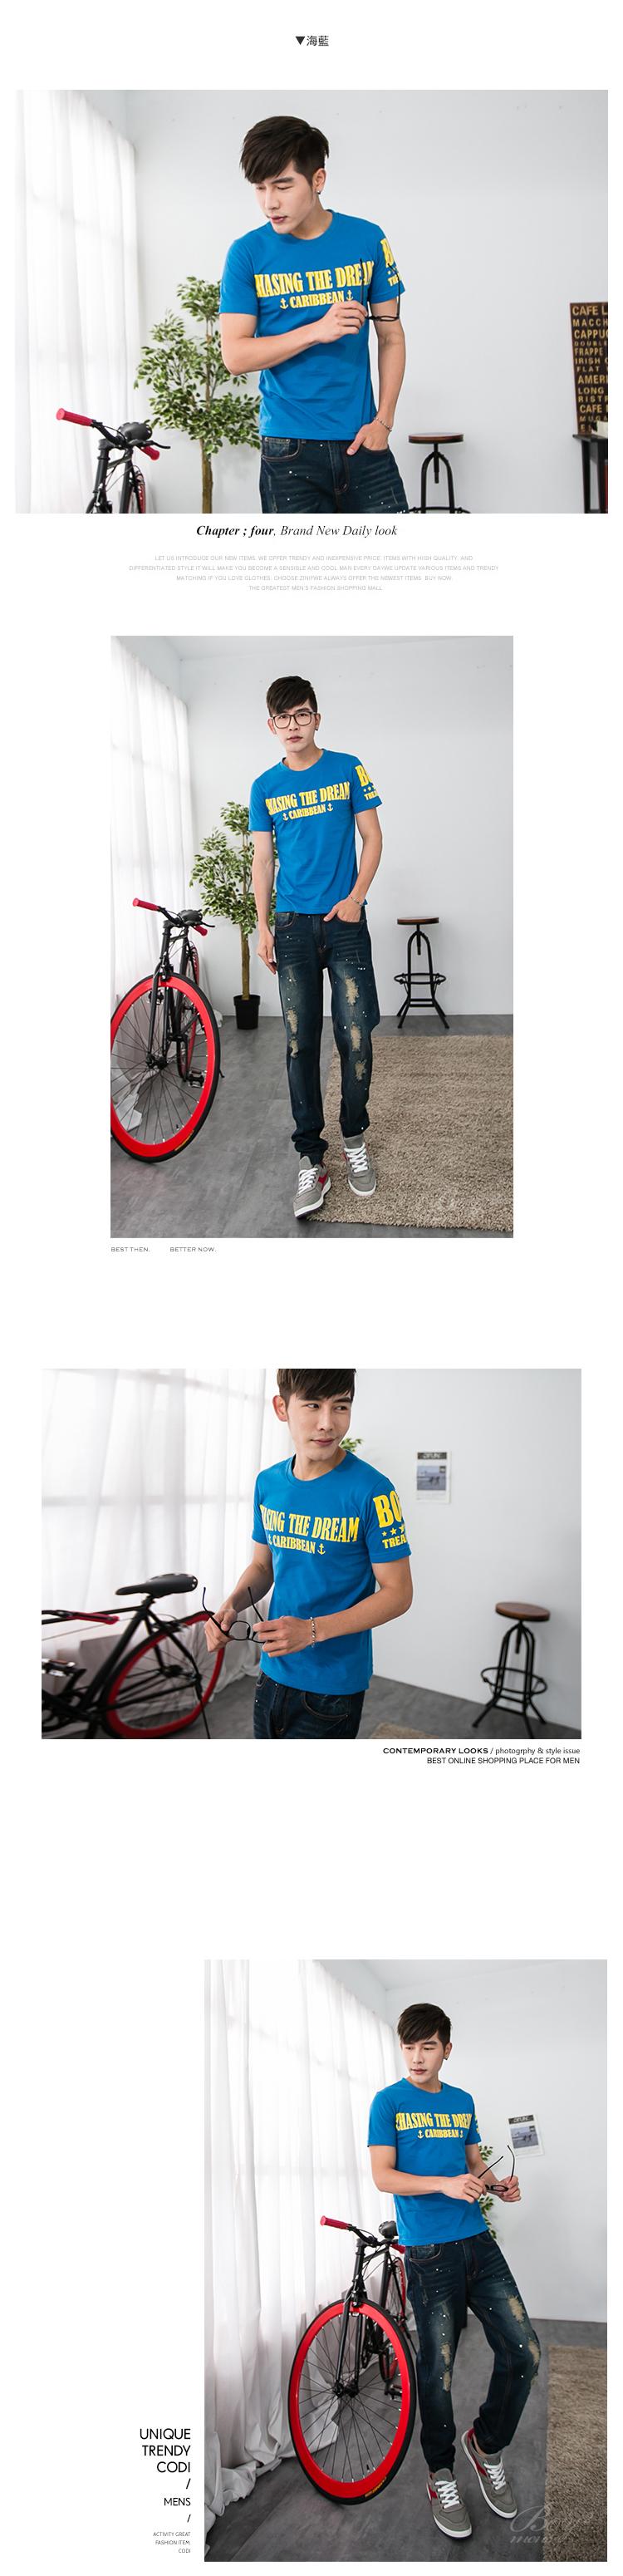 乐天平�9�n�oe_boy 2 shop |台湾乐天市场:☆boy-2☆【oe60221】短袖